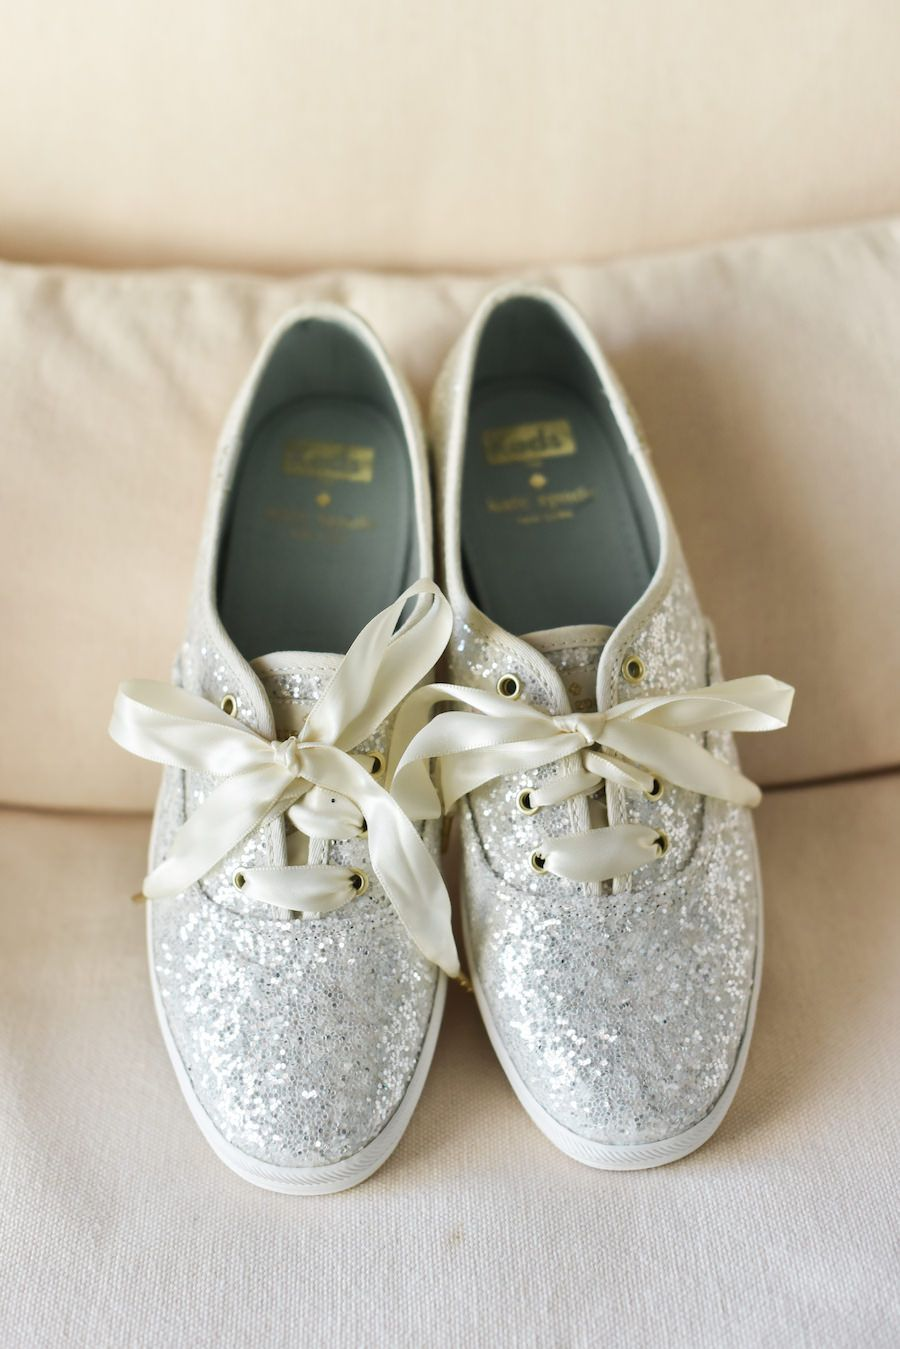 Keds Wedding Shoes 004 - Keds Wedding Shoes